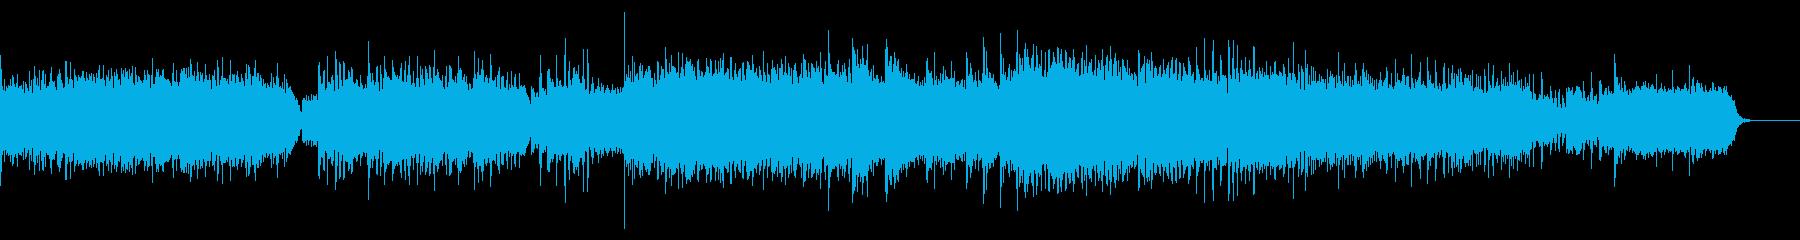 ハンガリアンスケッチよりベアダンスの再生済みの波形